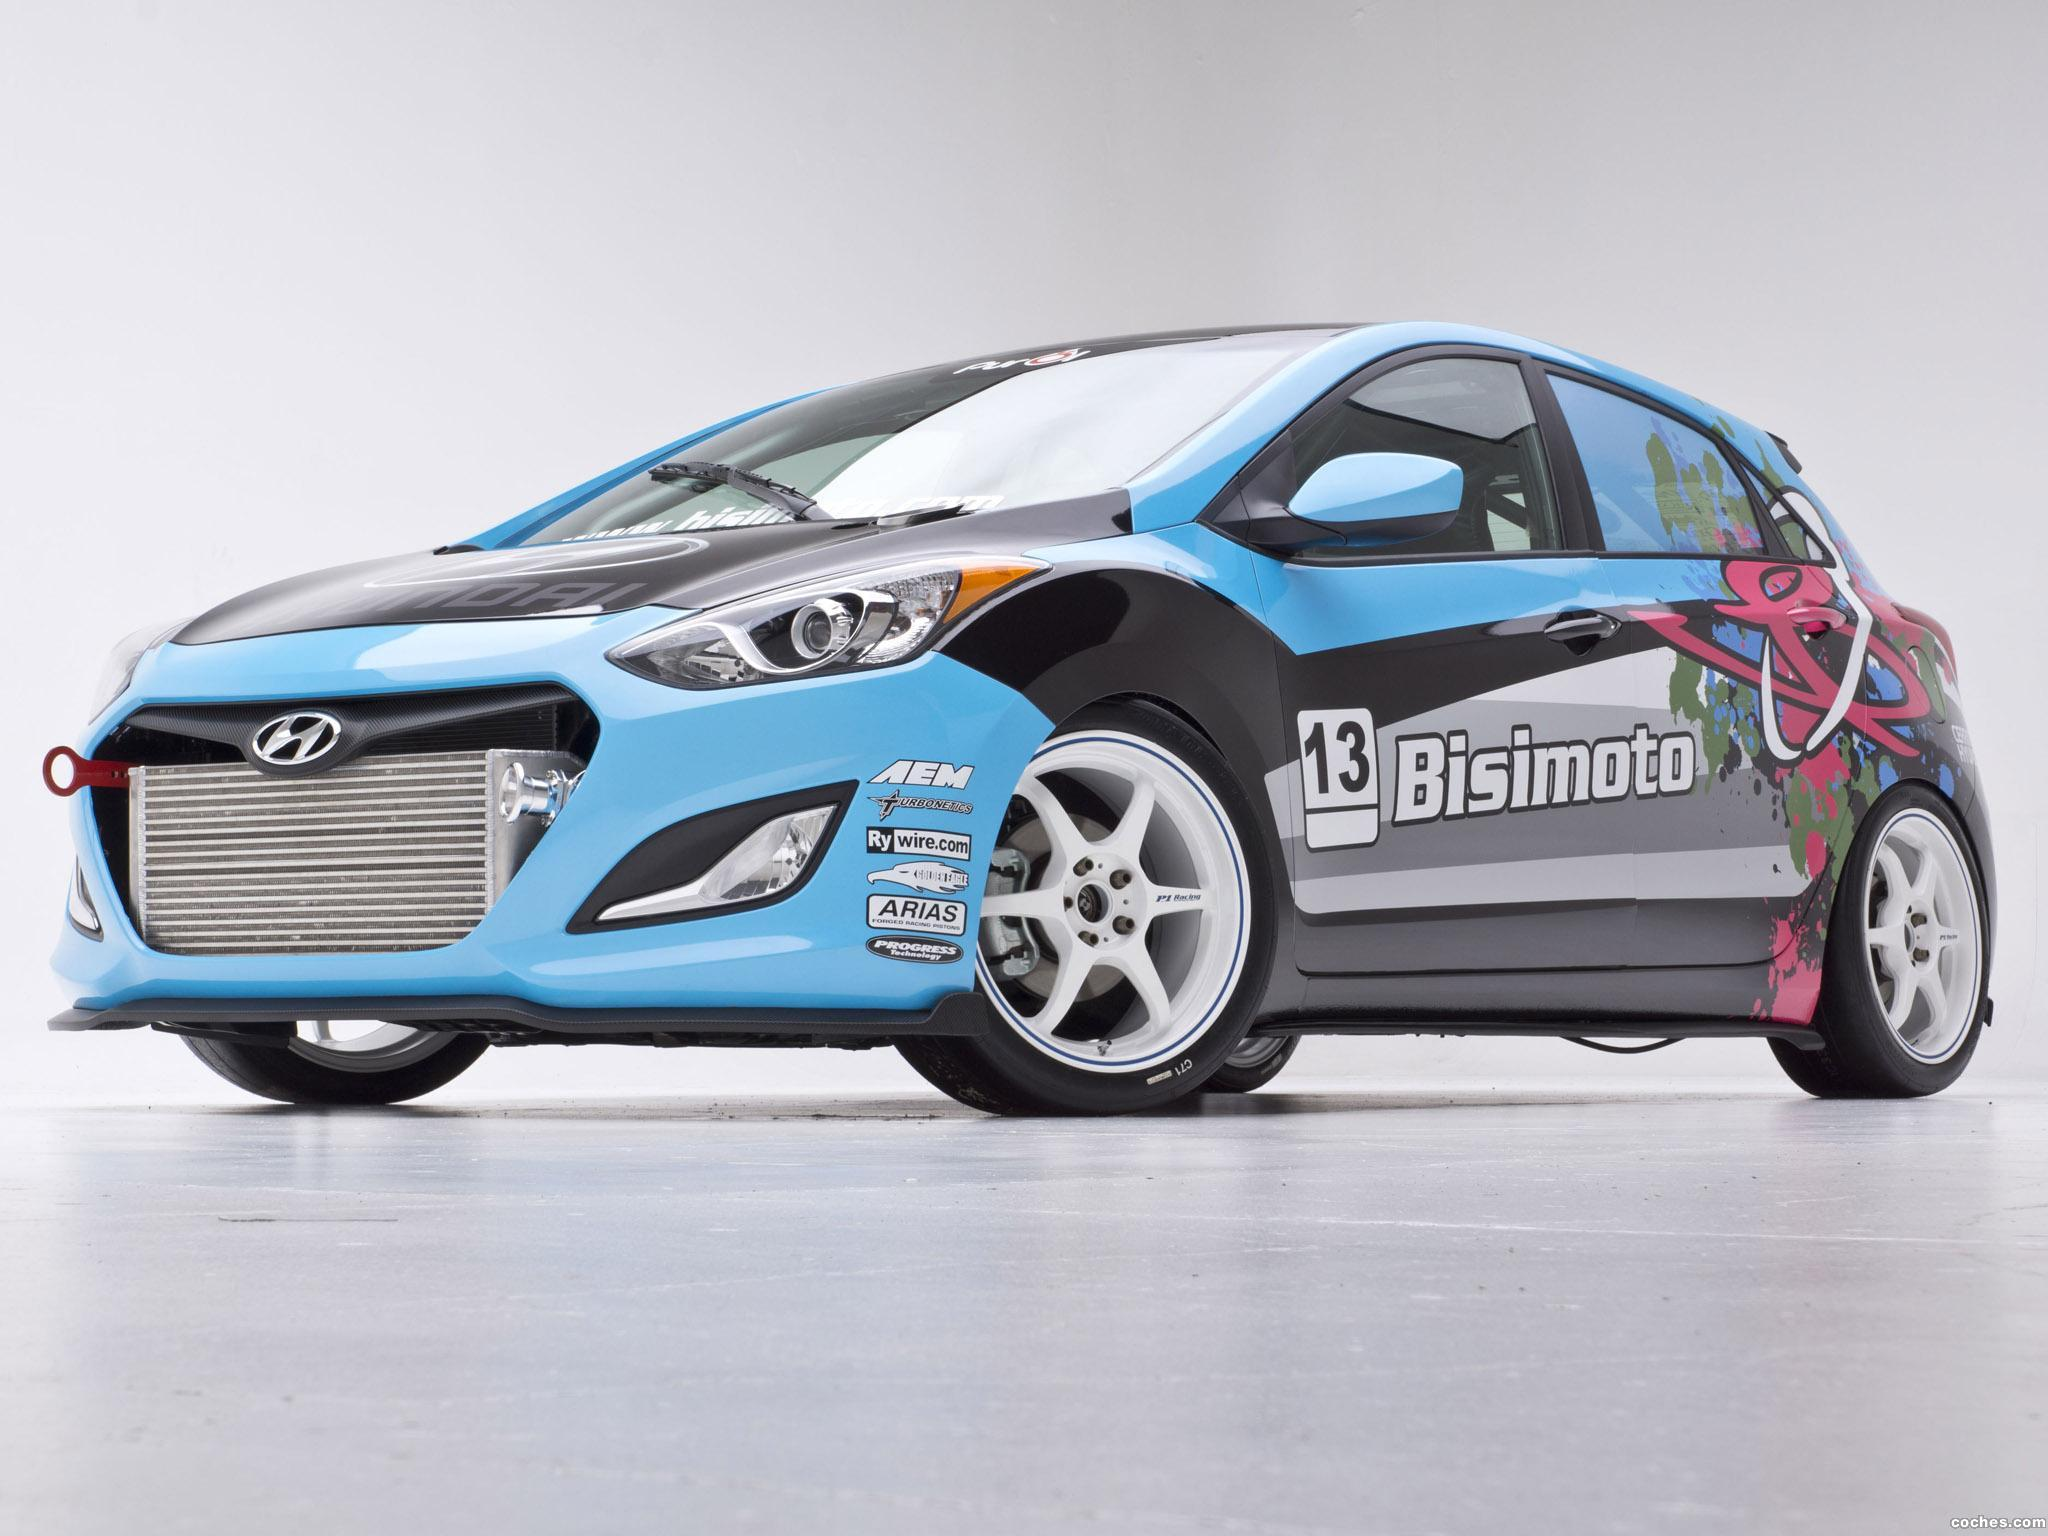 Foto 3 de Hyundai Elantra GT Concept by Bisimoto Engineering 2012